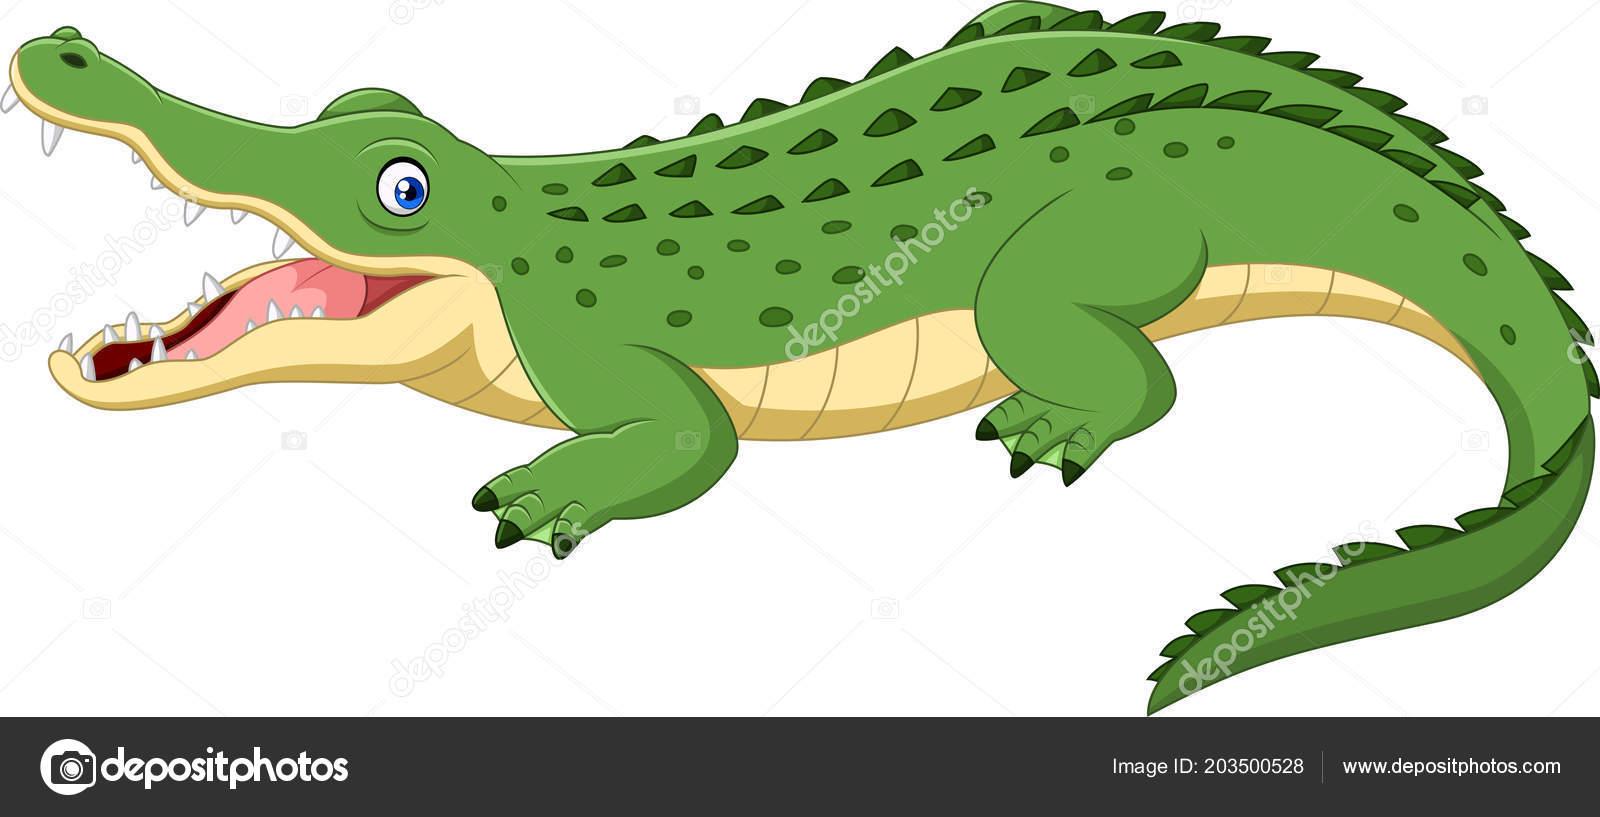 Crocodile dessin anim isol sur fond blanc image vectorielle tigatelu 203500528 - Dessin anime les crocodiles ...